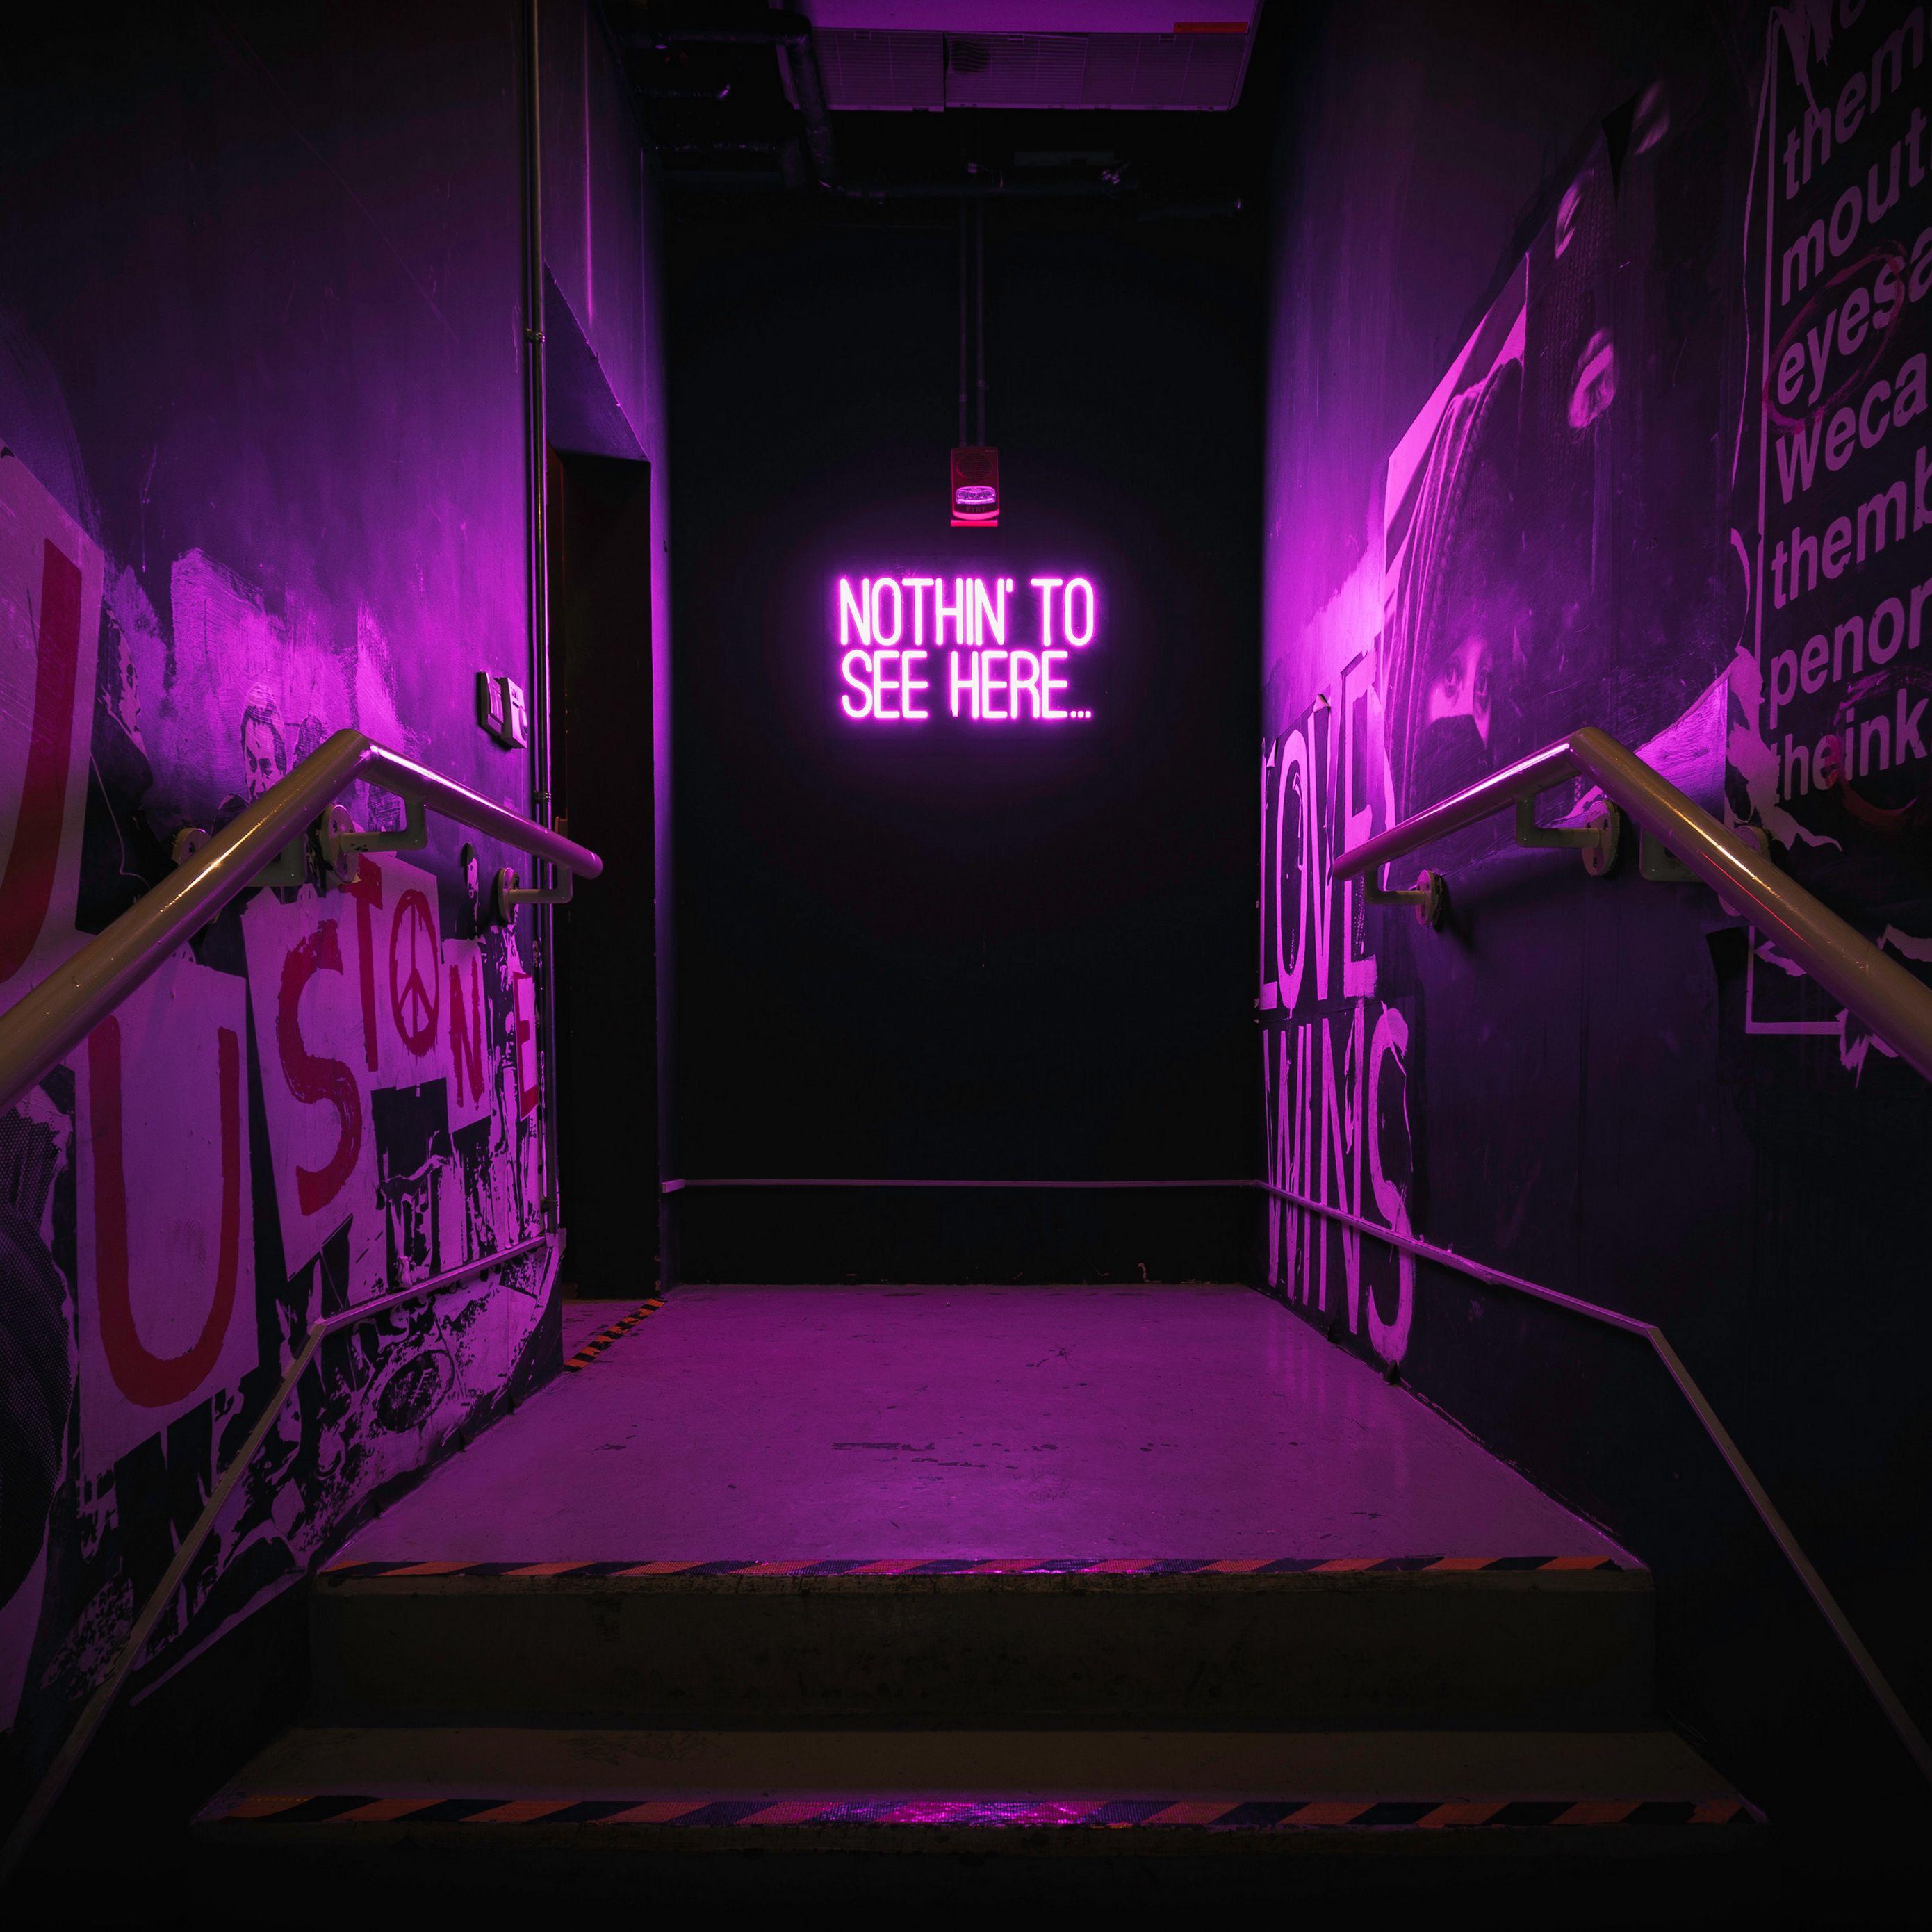 2780x2780 Обои неон, надпись, стена, фиолетовый, подсветка